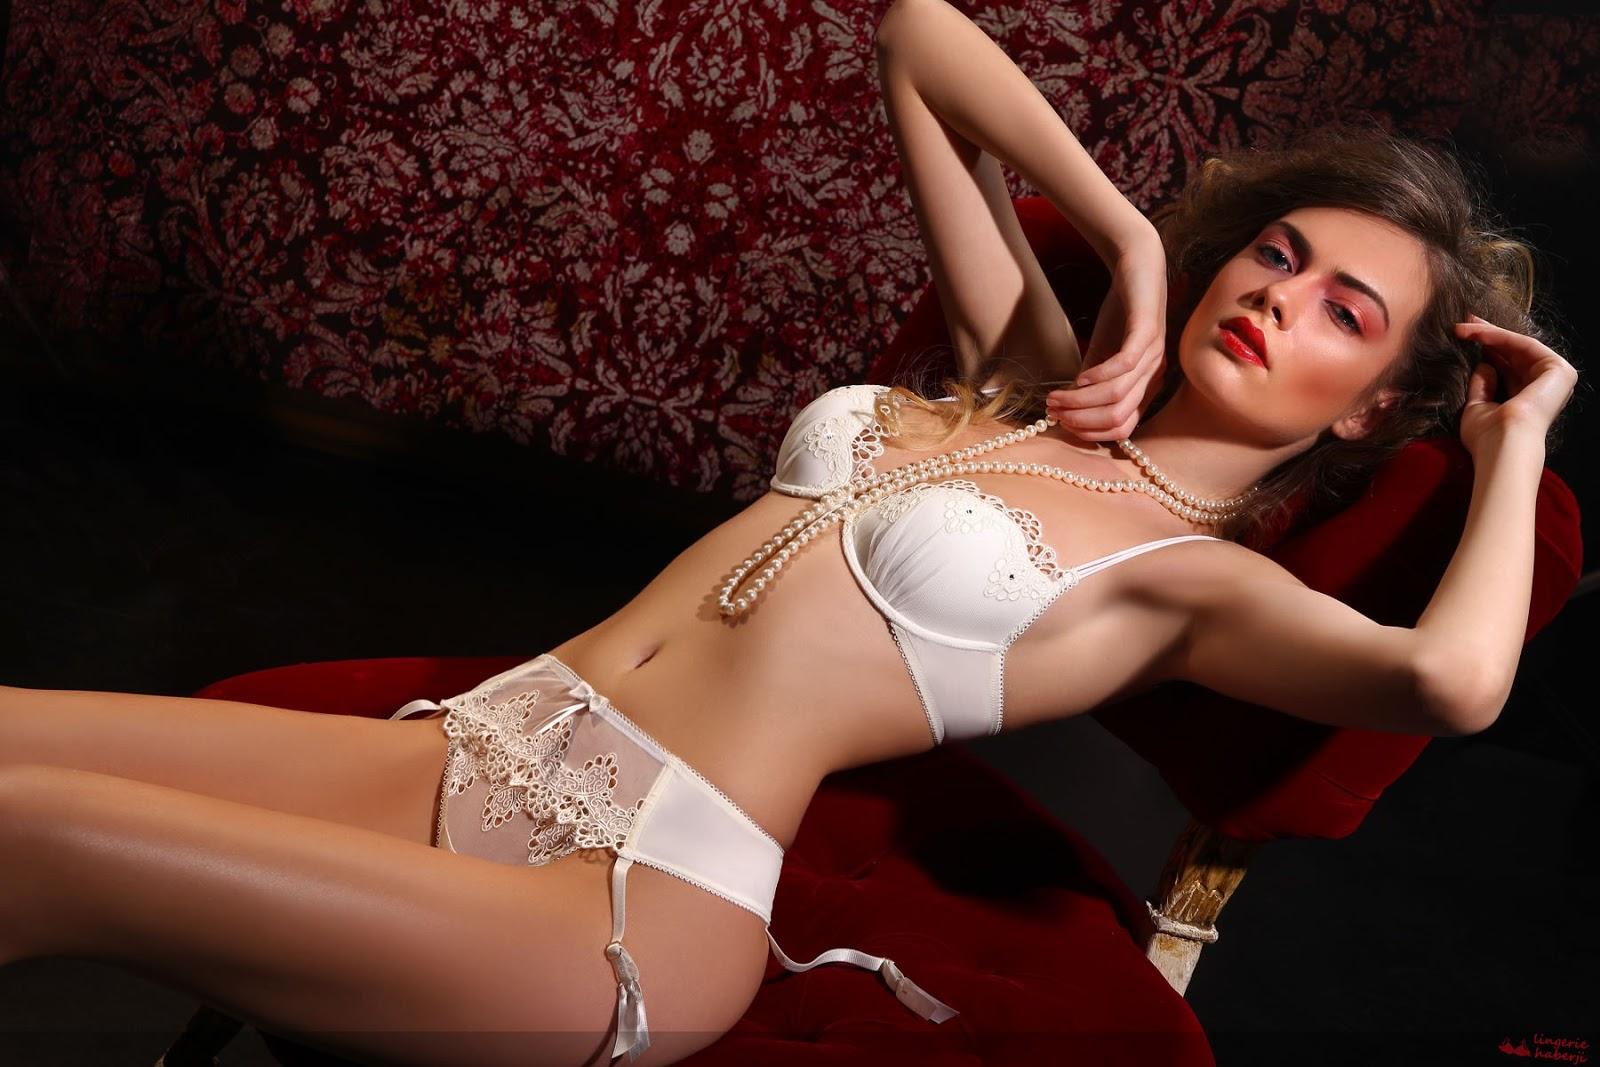 Секс красивыми девочками порно, Секс, стриптиз, красивые голые девушки. - МетаВидео 2 фотография